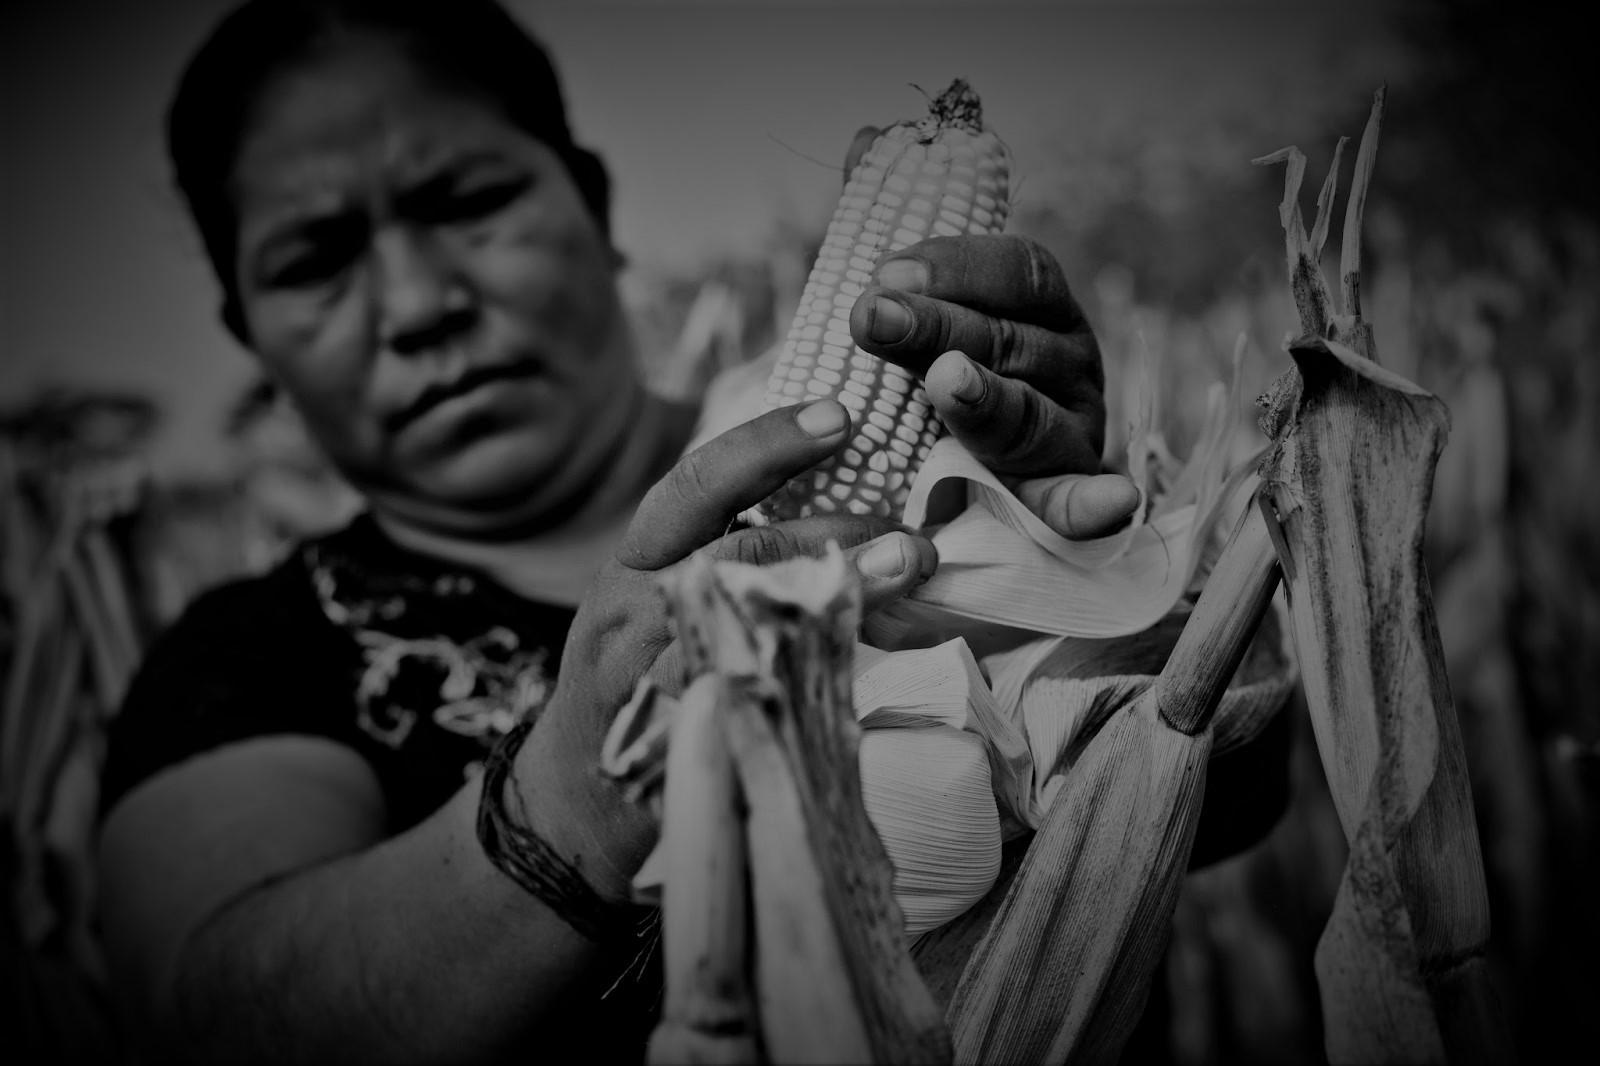 Mujeres tienen menos de 30% de títulos de derechos agrarios en México